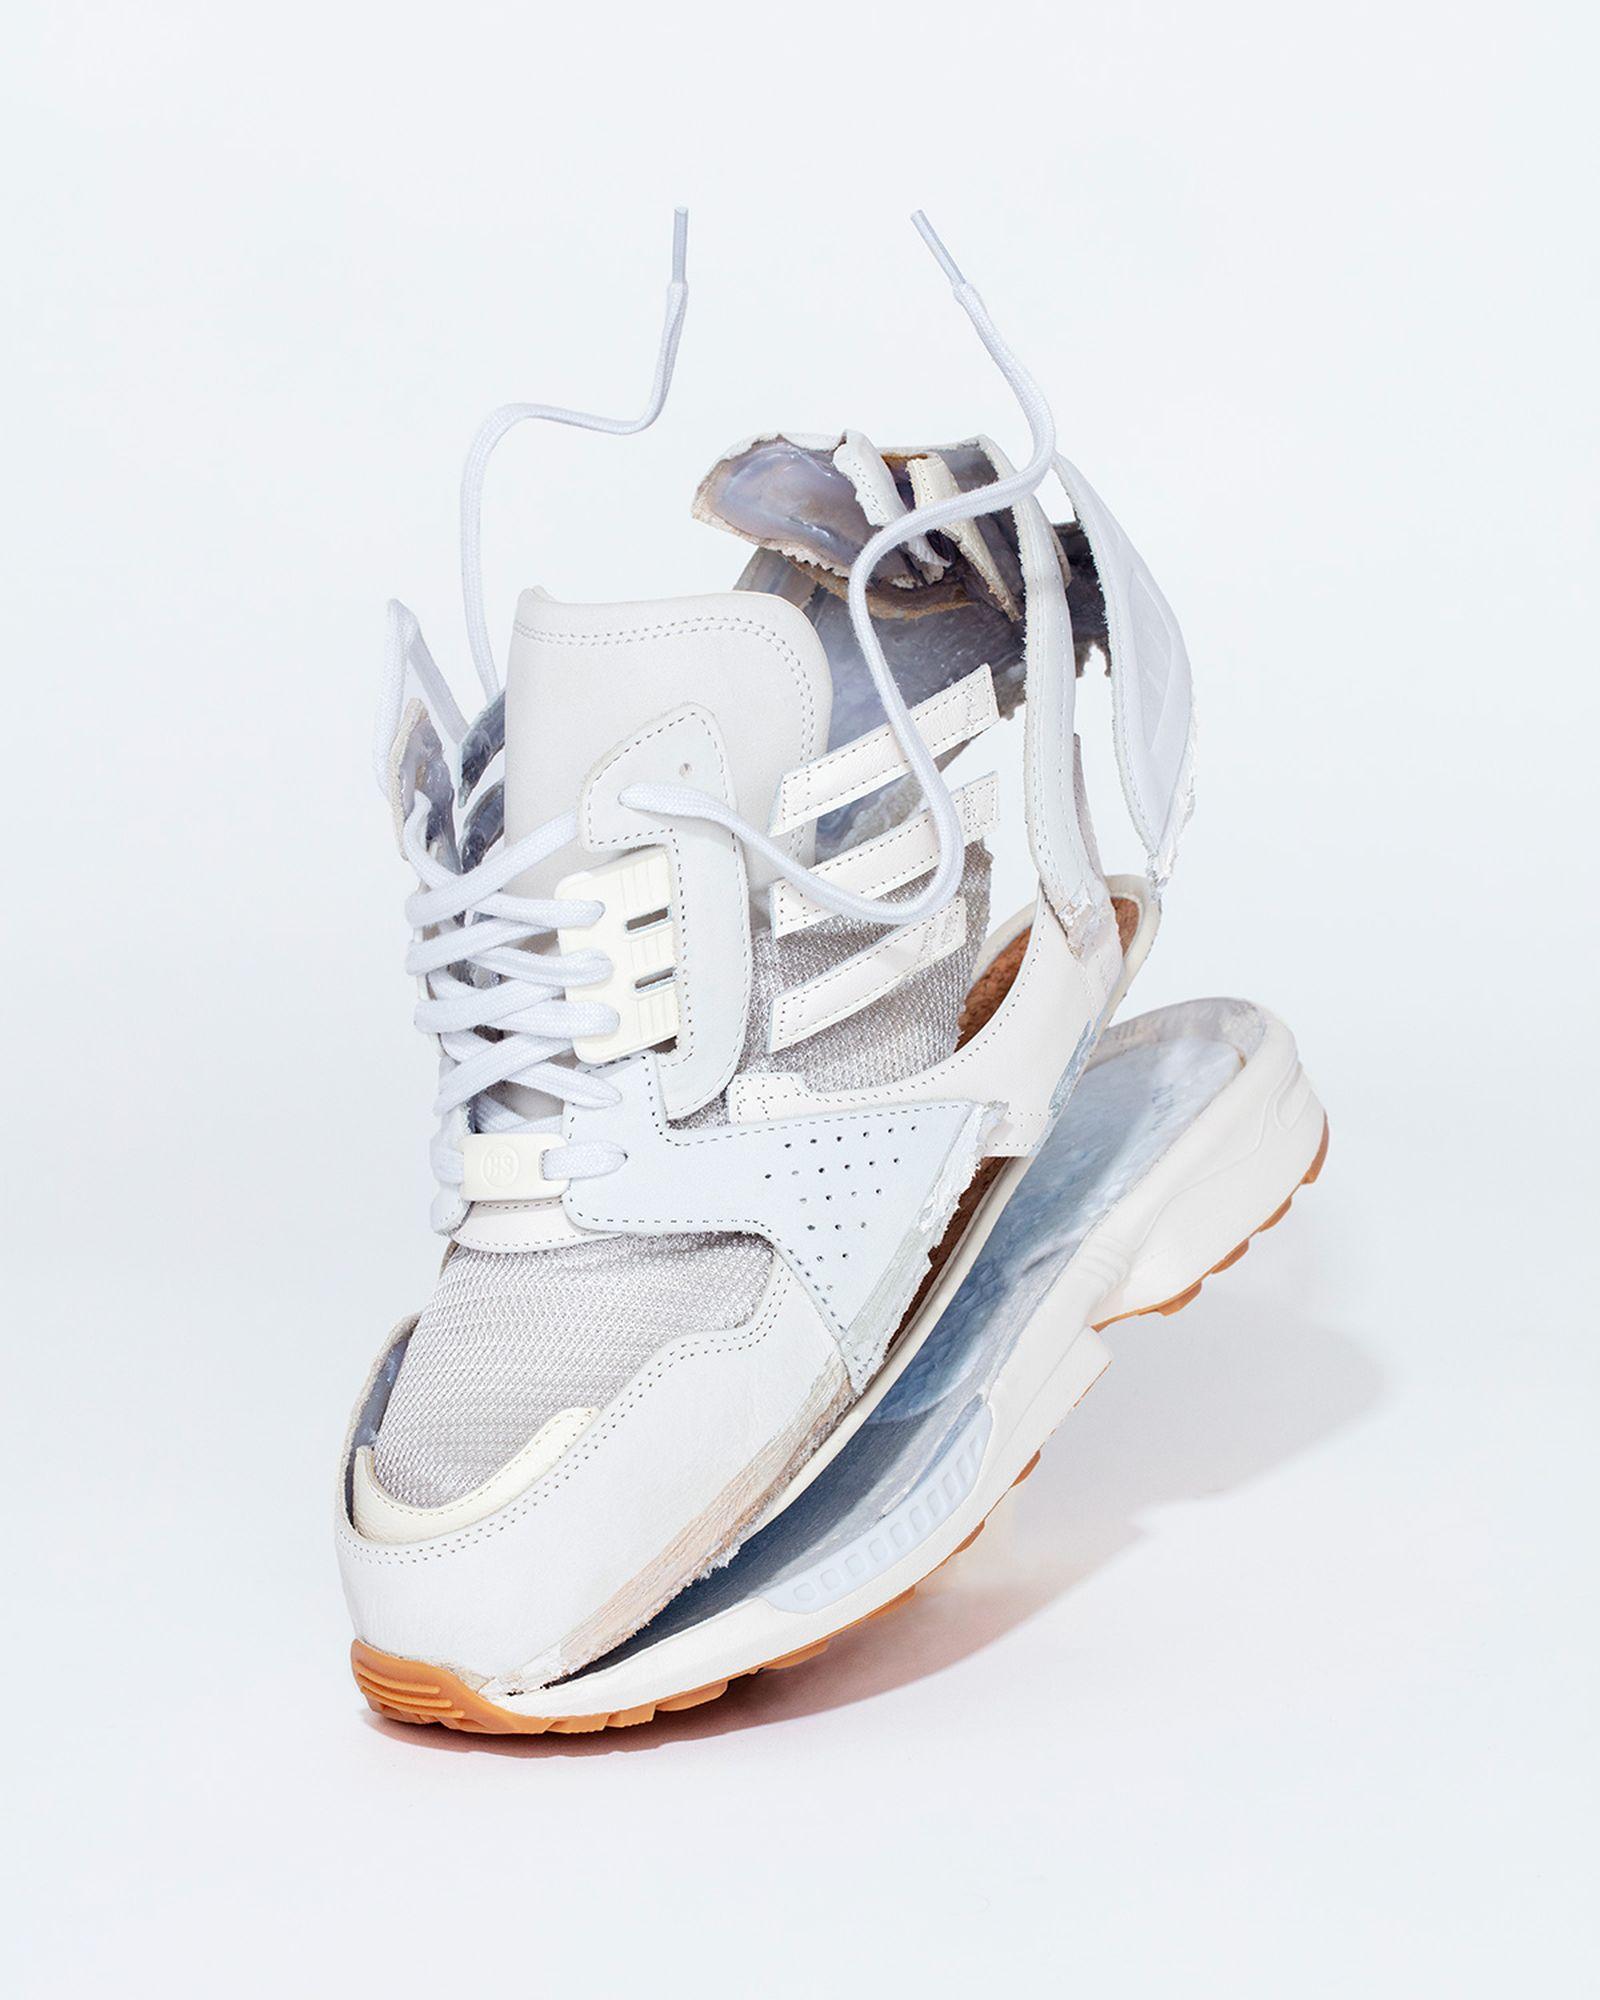 highsnobiety-adidas-originals-zx-8000-release-date-price-rudy-02